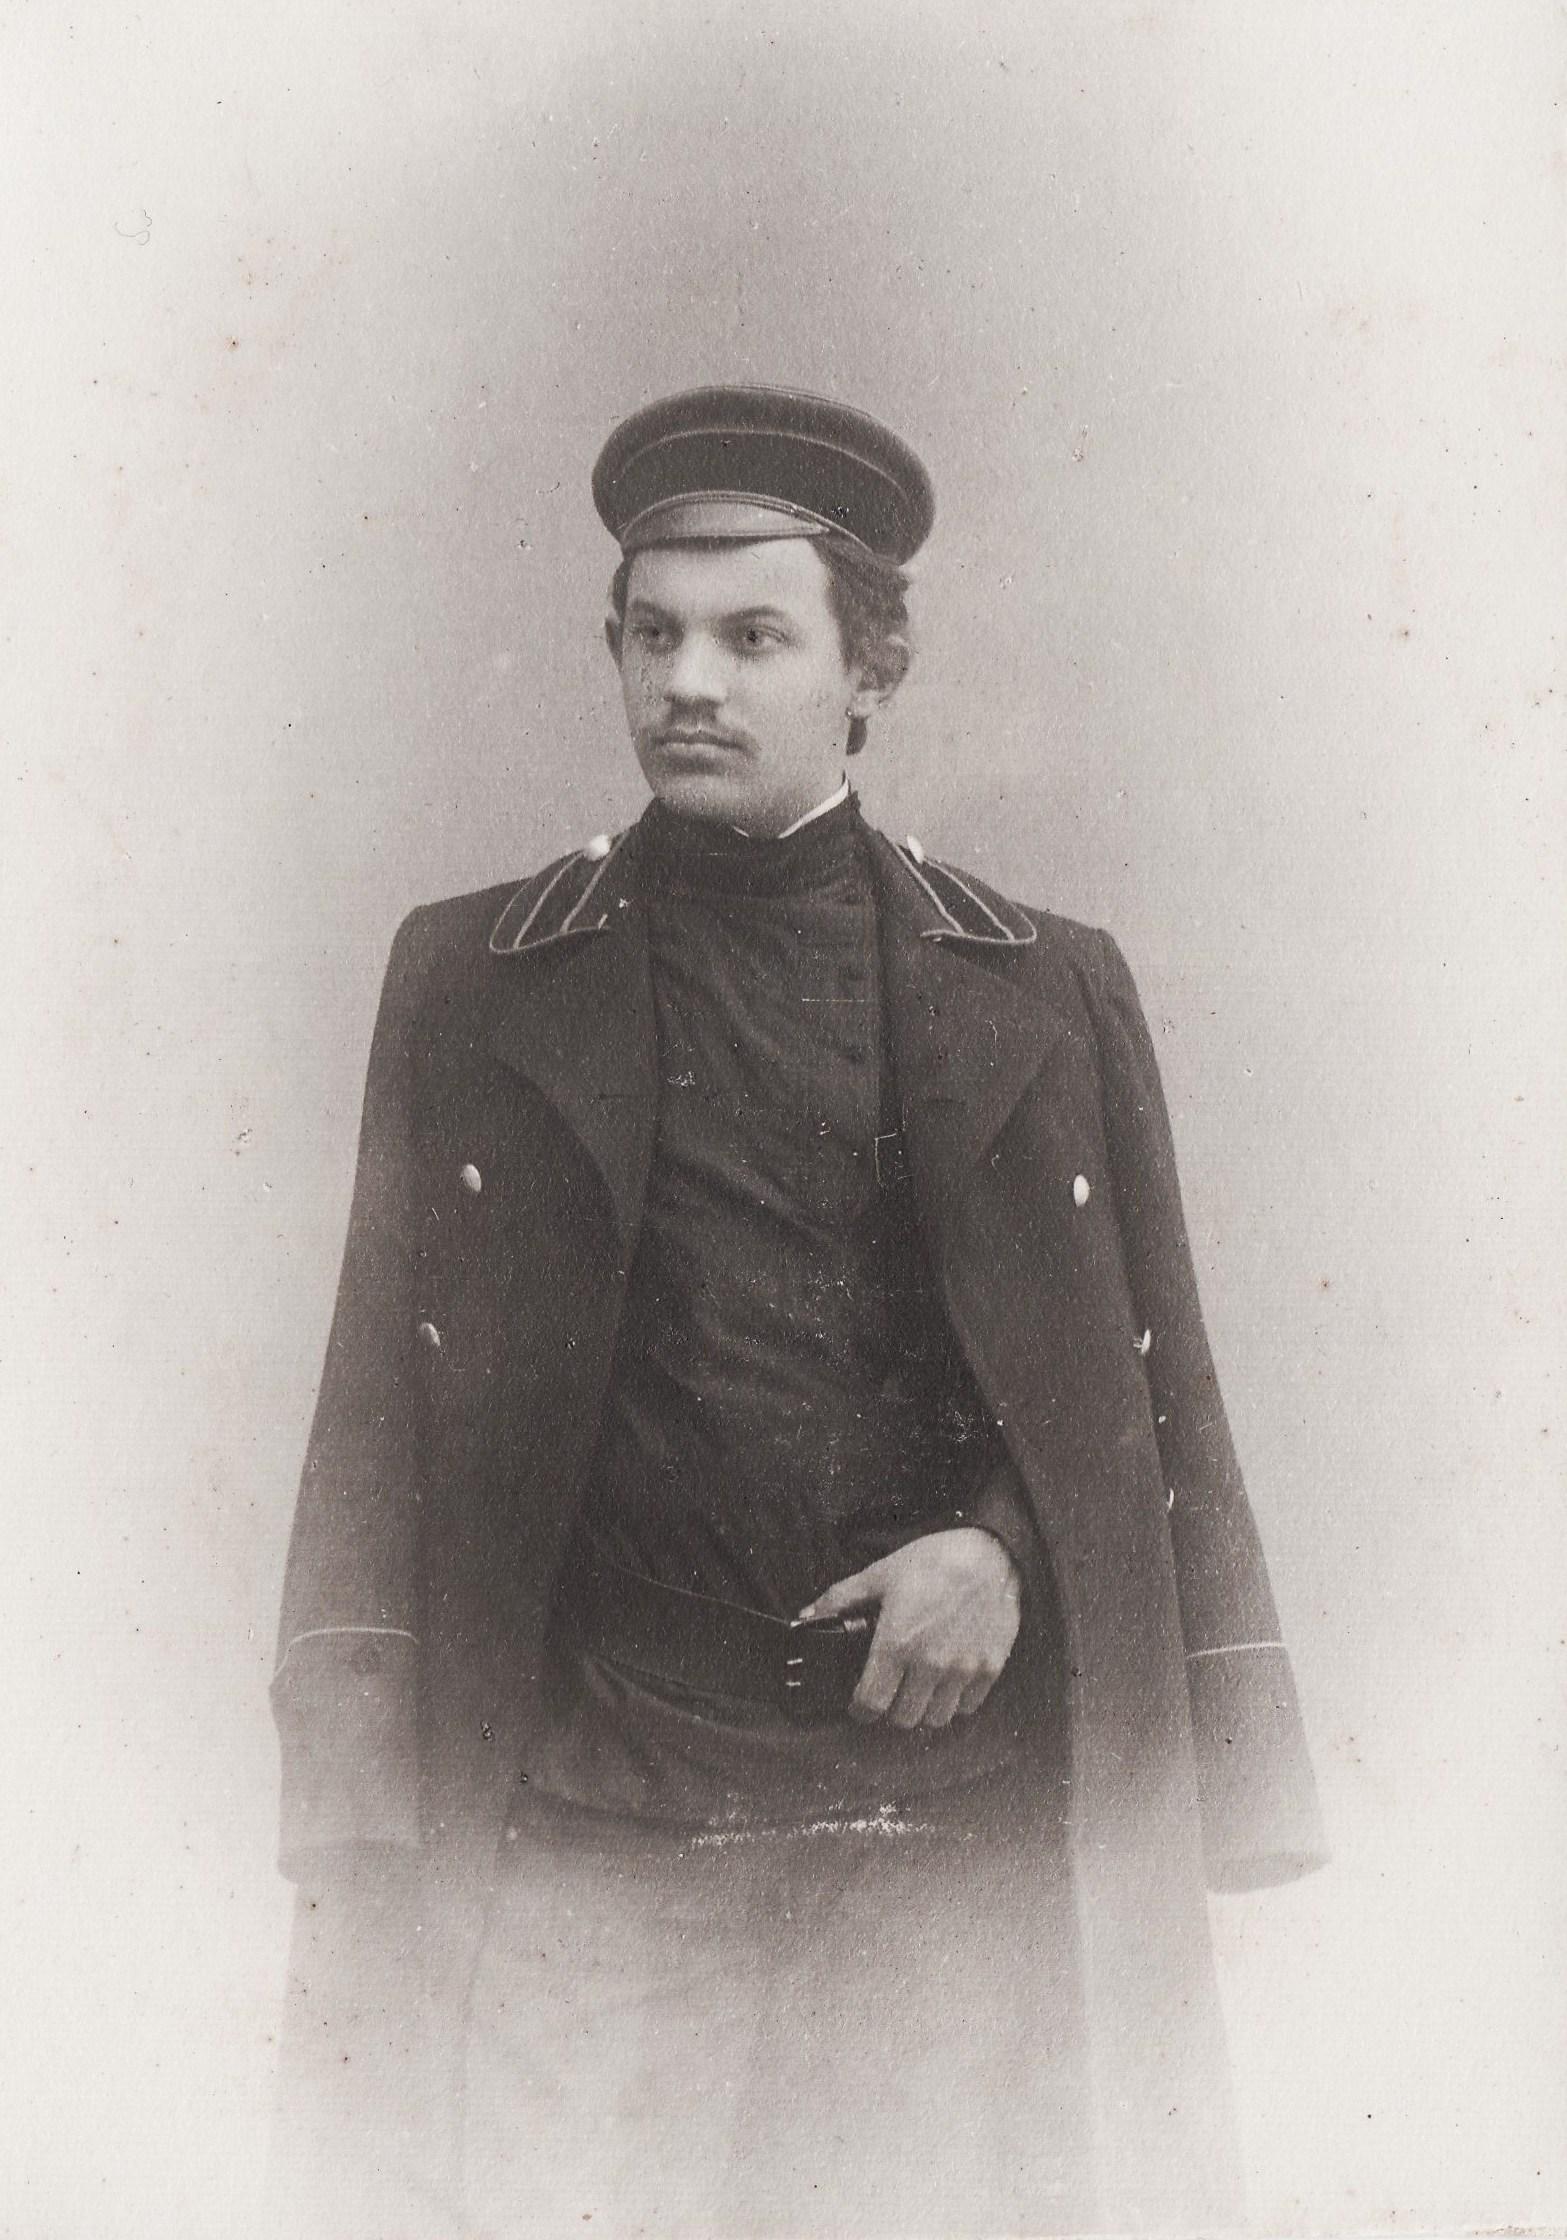 Студент Беляев Иван. I отделение разряд 2.